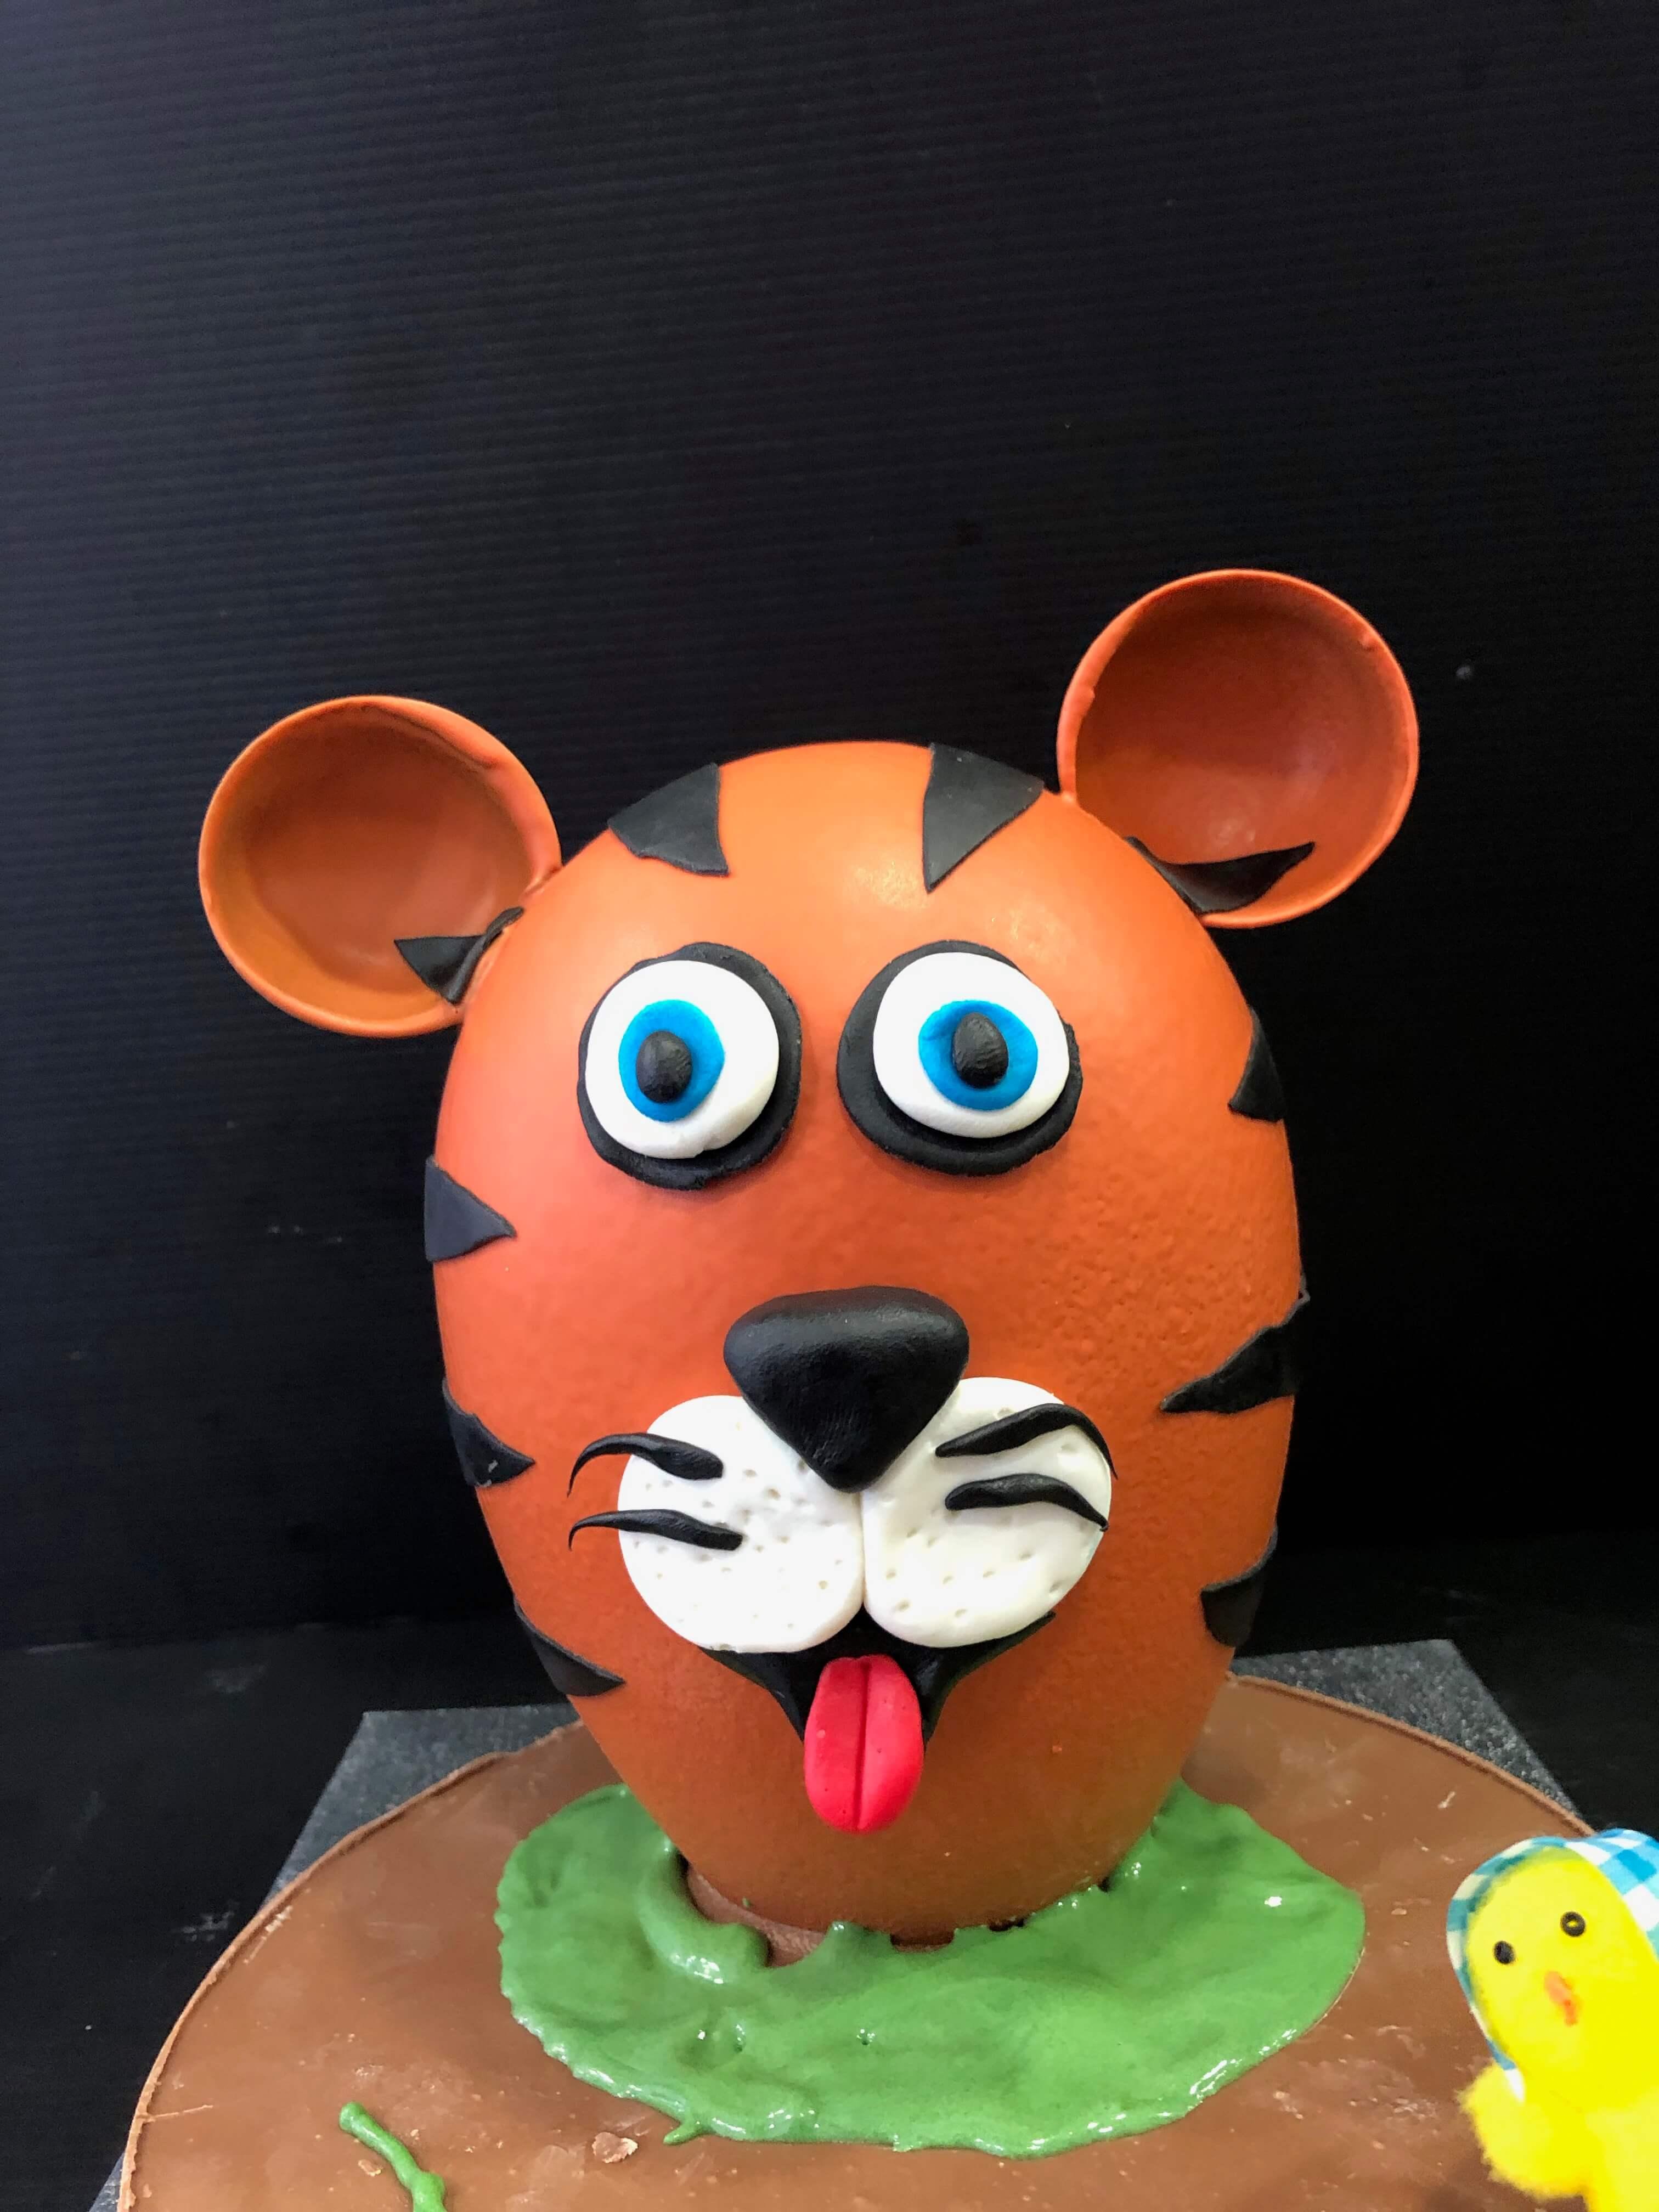 figura pascua huevos de pascua chocolate tigre coruña